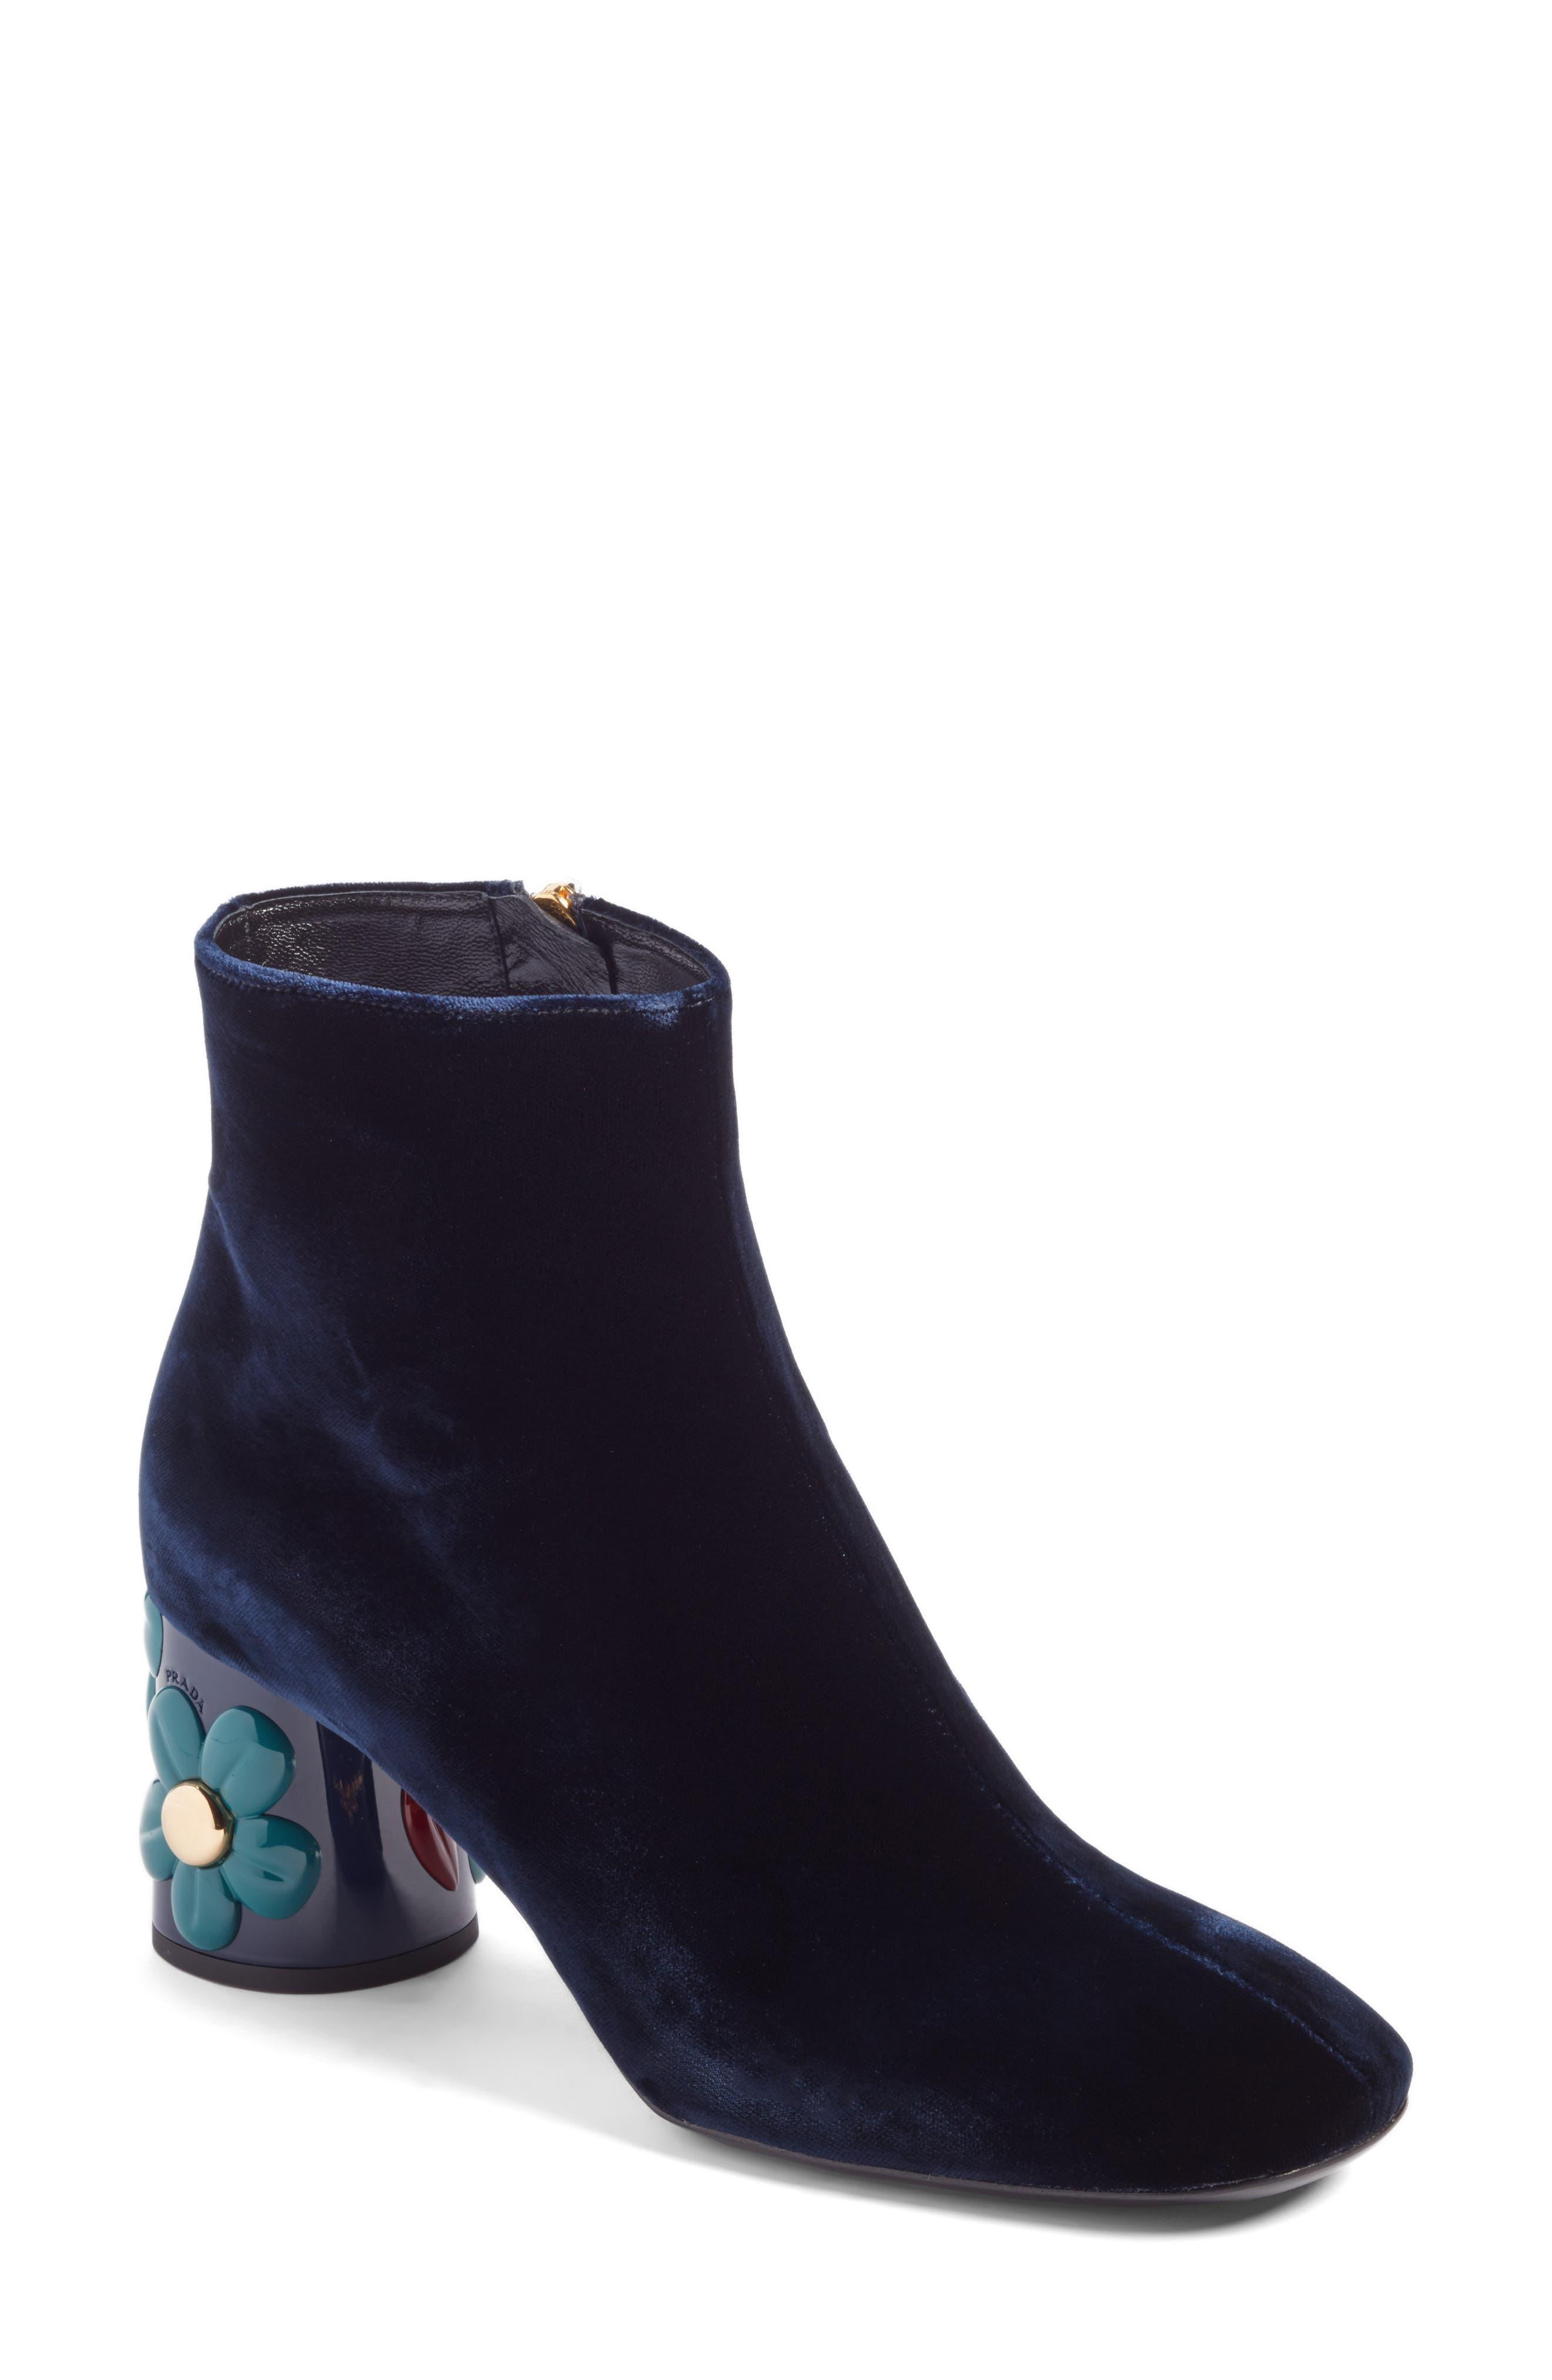 Prada Embellished Block Heel Bootie (Women)